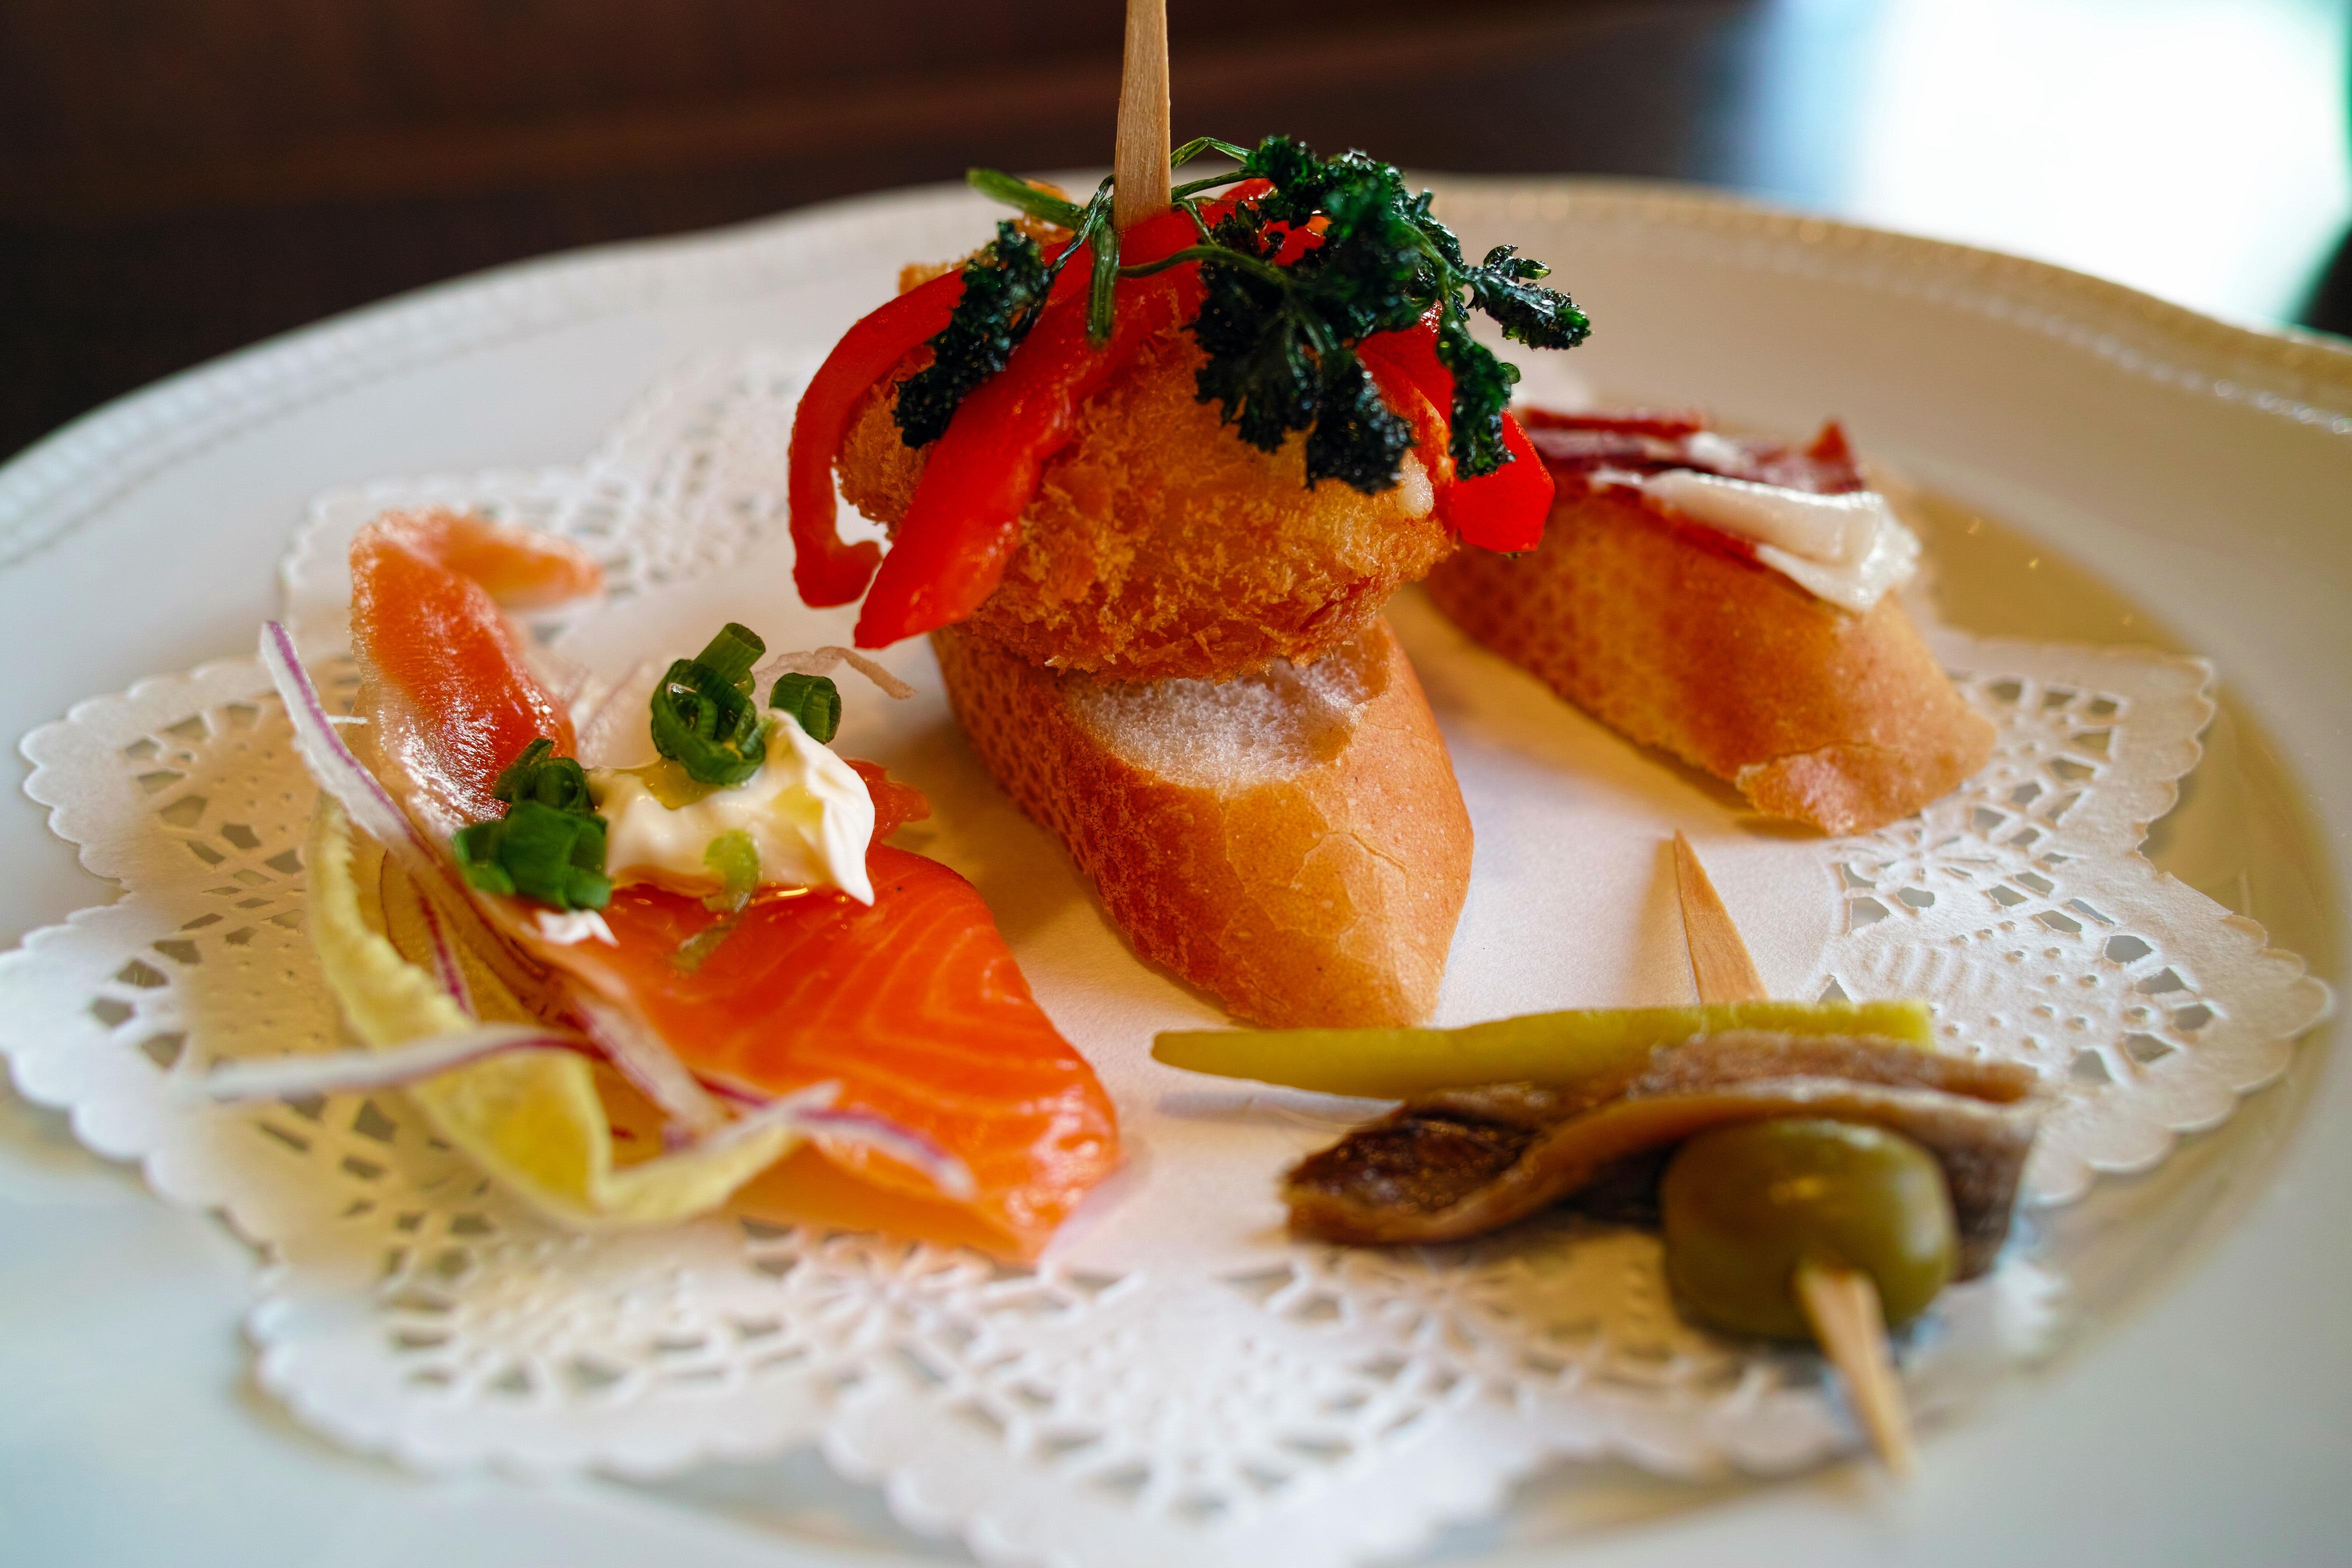 Gratis afbeeldingen restaurant schotel maaltijd for Restaurant canape